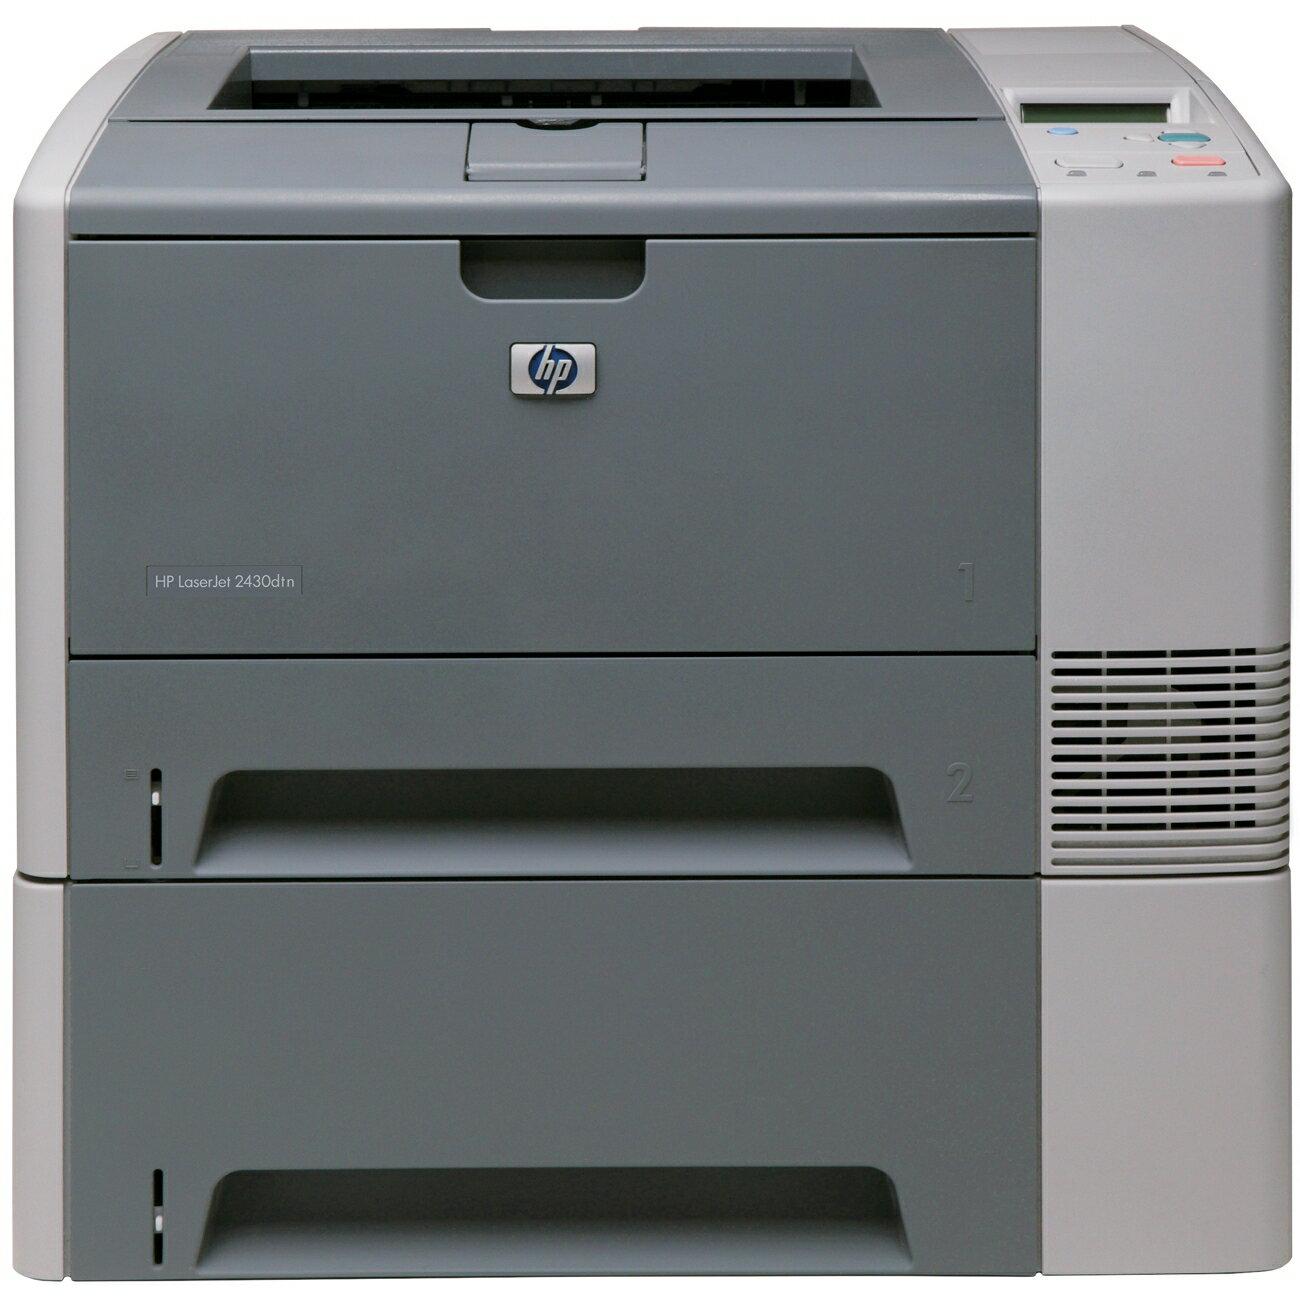 HP Laserjet 2430DTN Laser Printer 0